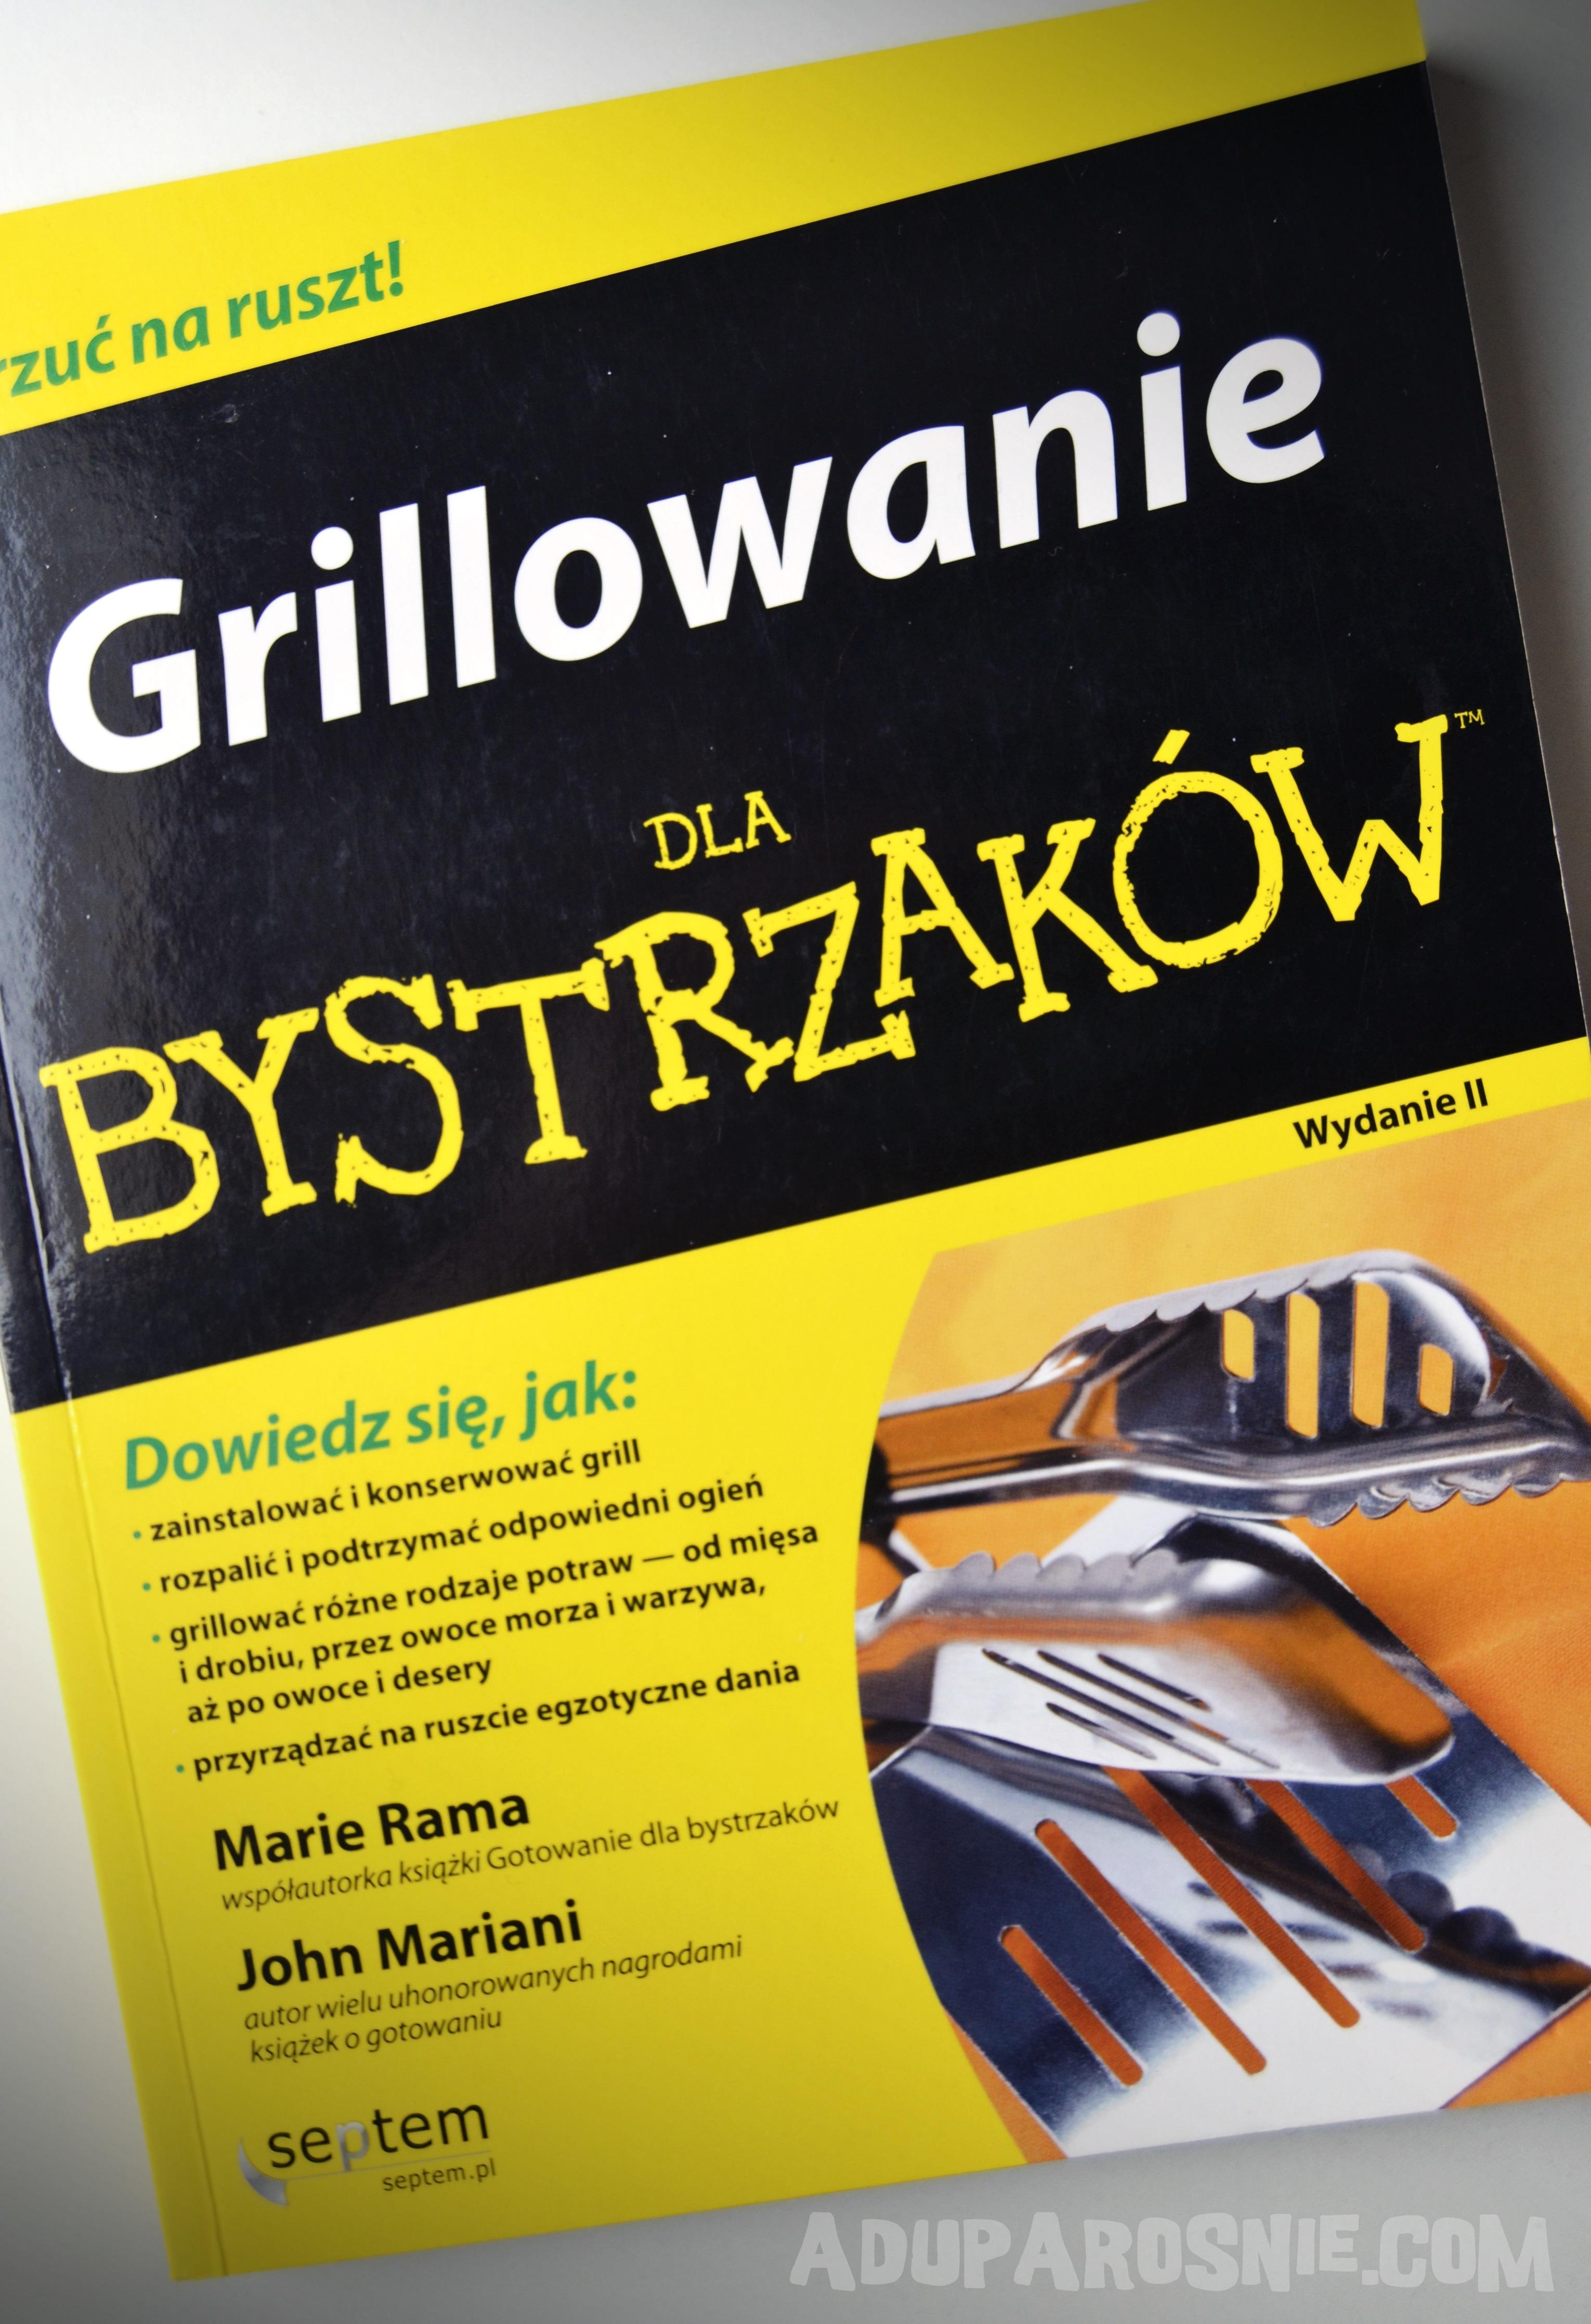 grillowanie dla bystrzaków (2)